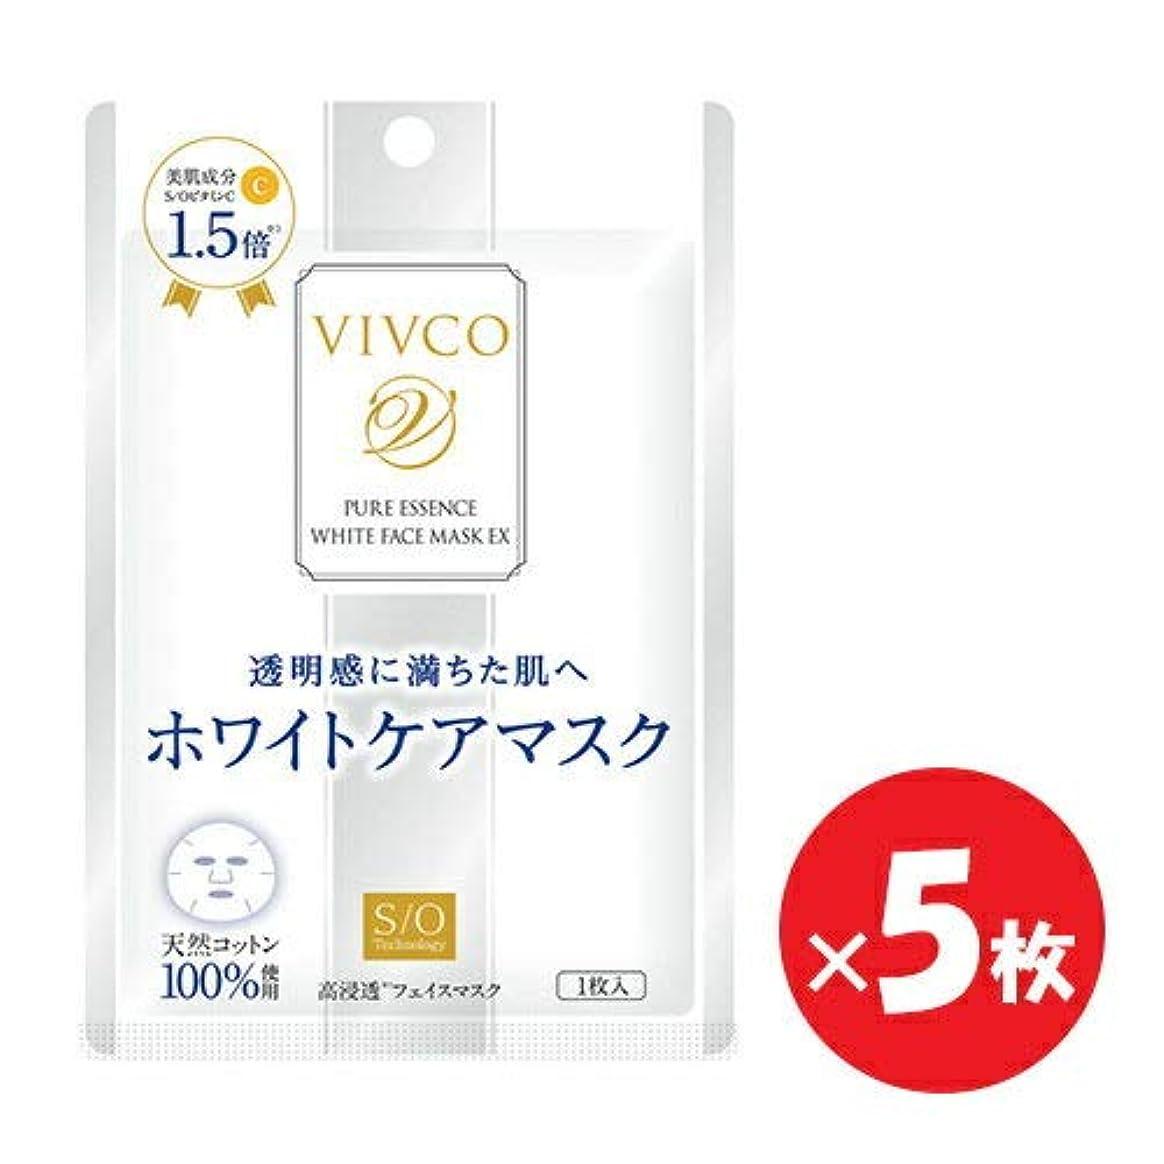 七時半ガイドライン姉妹ヴィヴコ ピュアエッセンスホワイトフェイスマスク EX 5枚セット